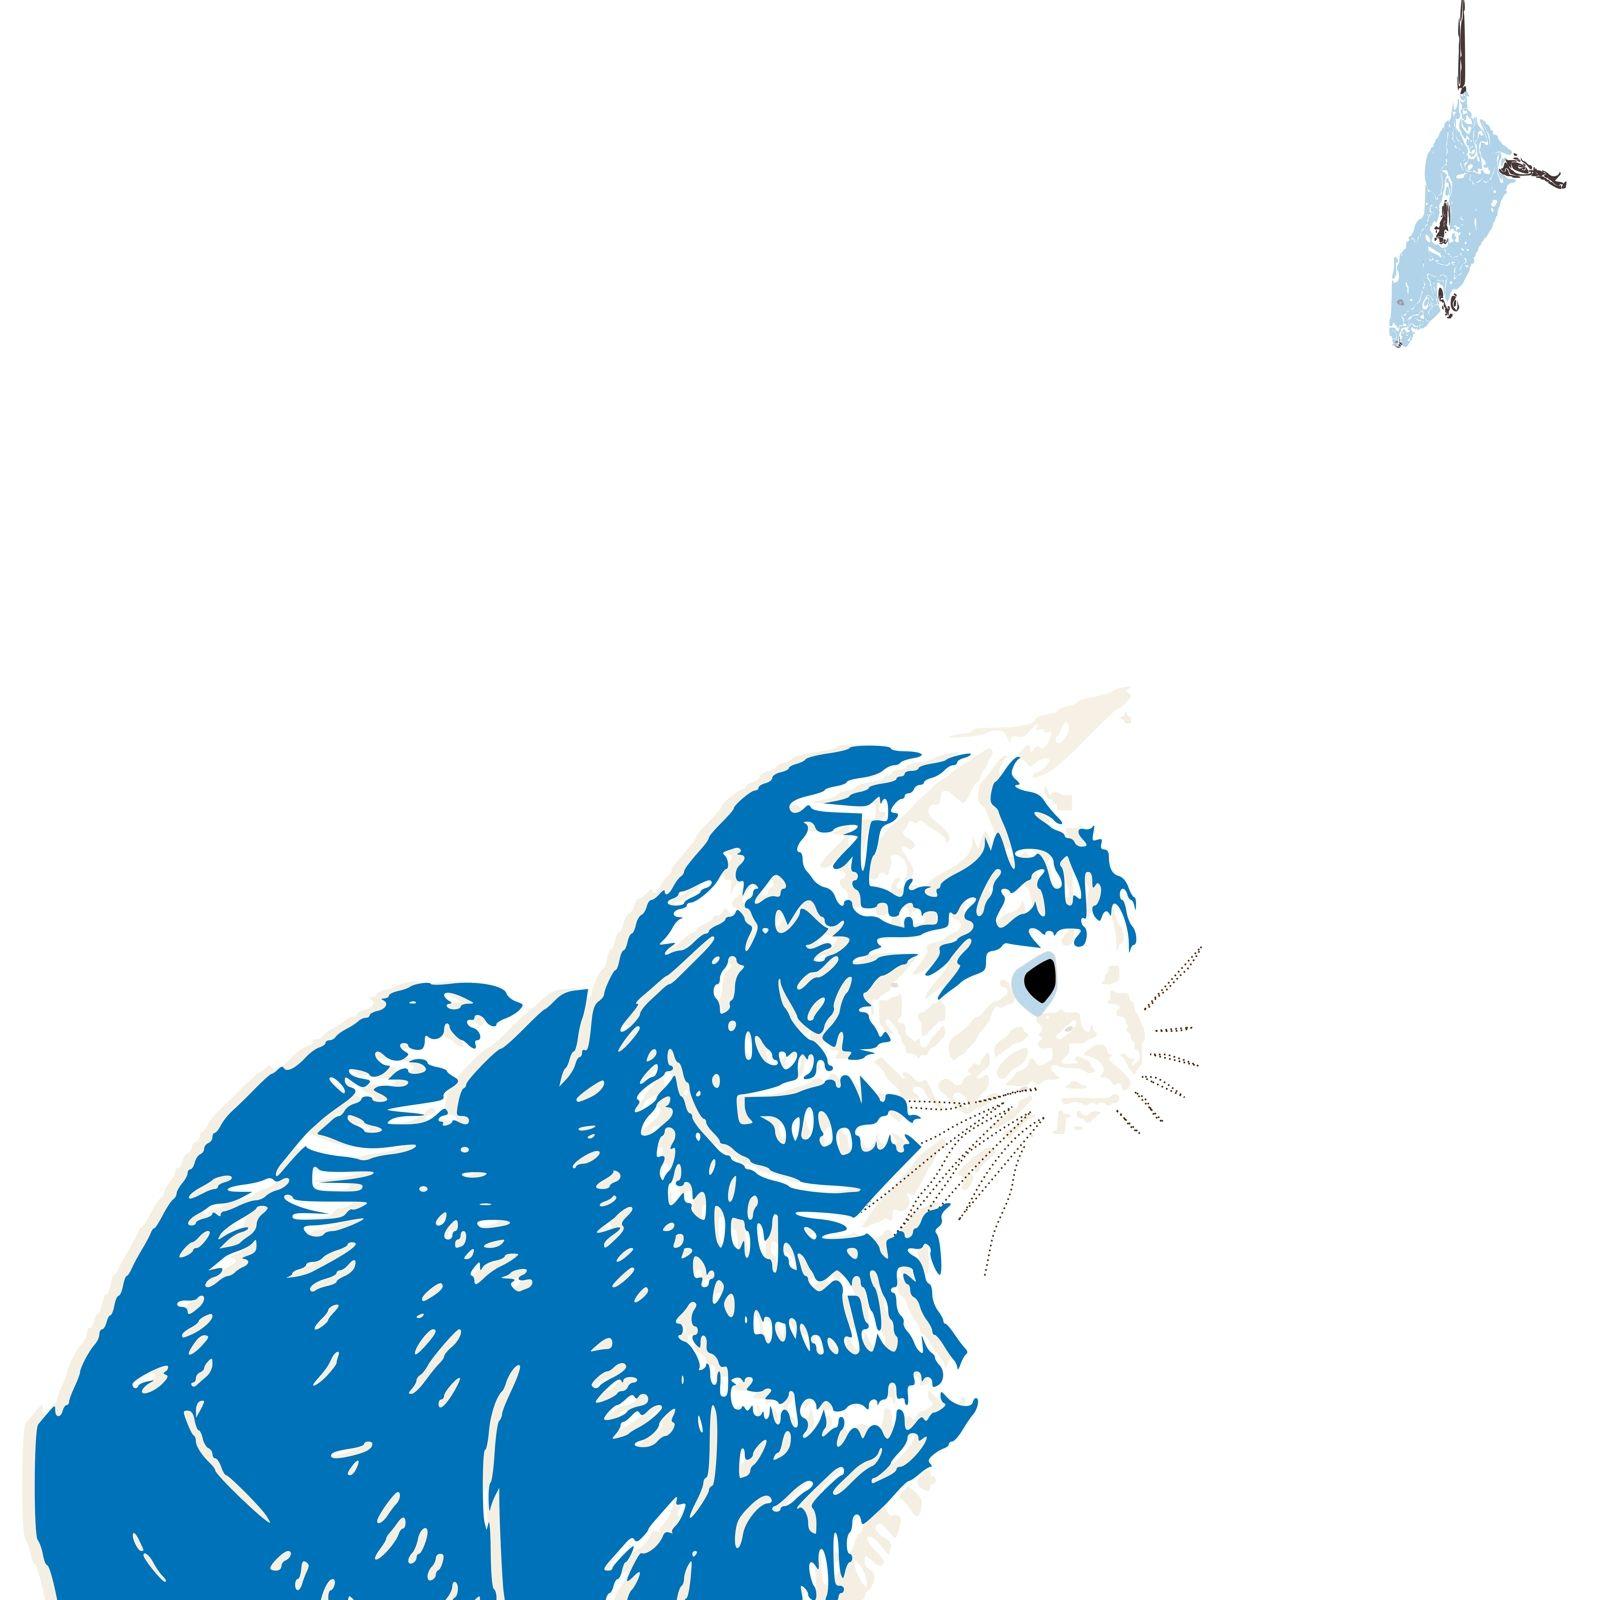 Katze Fangt Maus Schones Motiv Fur Das Kinderzimmer Auf Leinwand